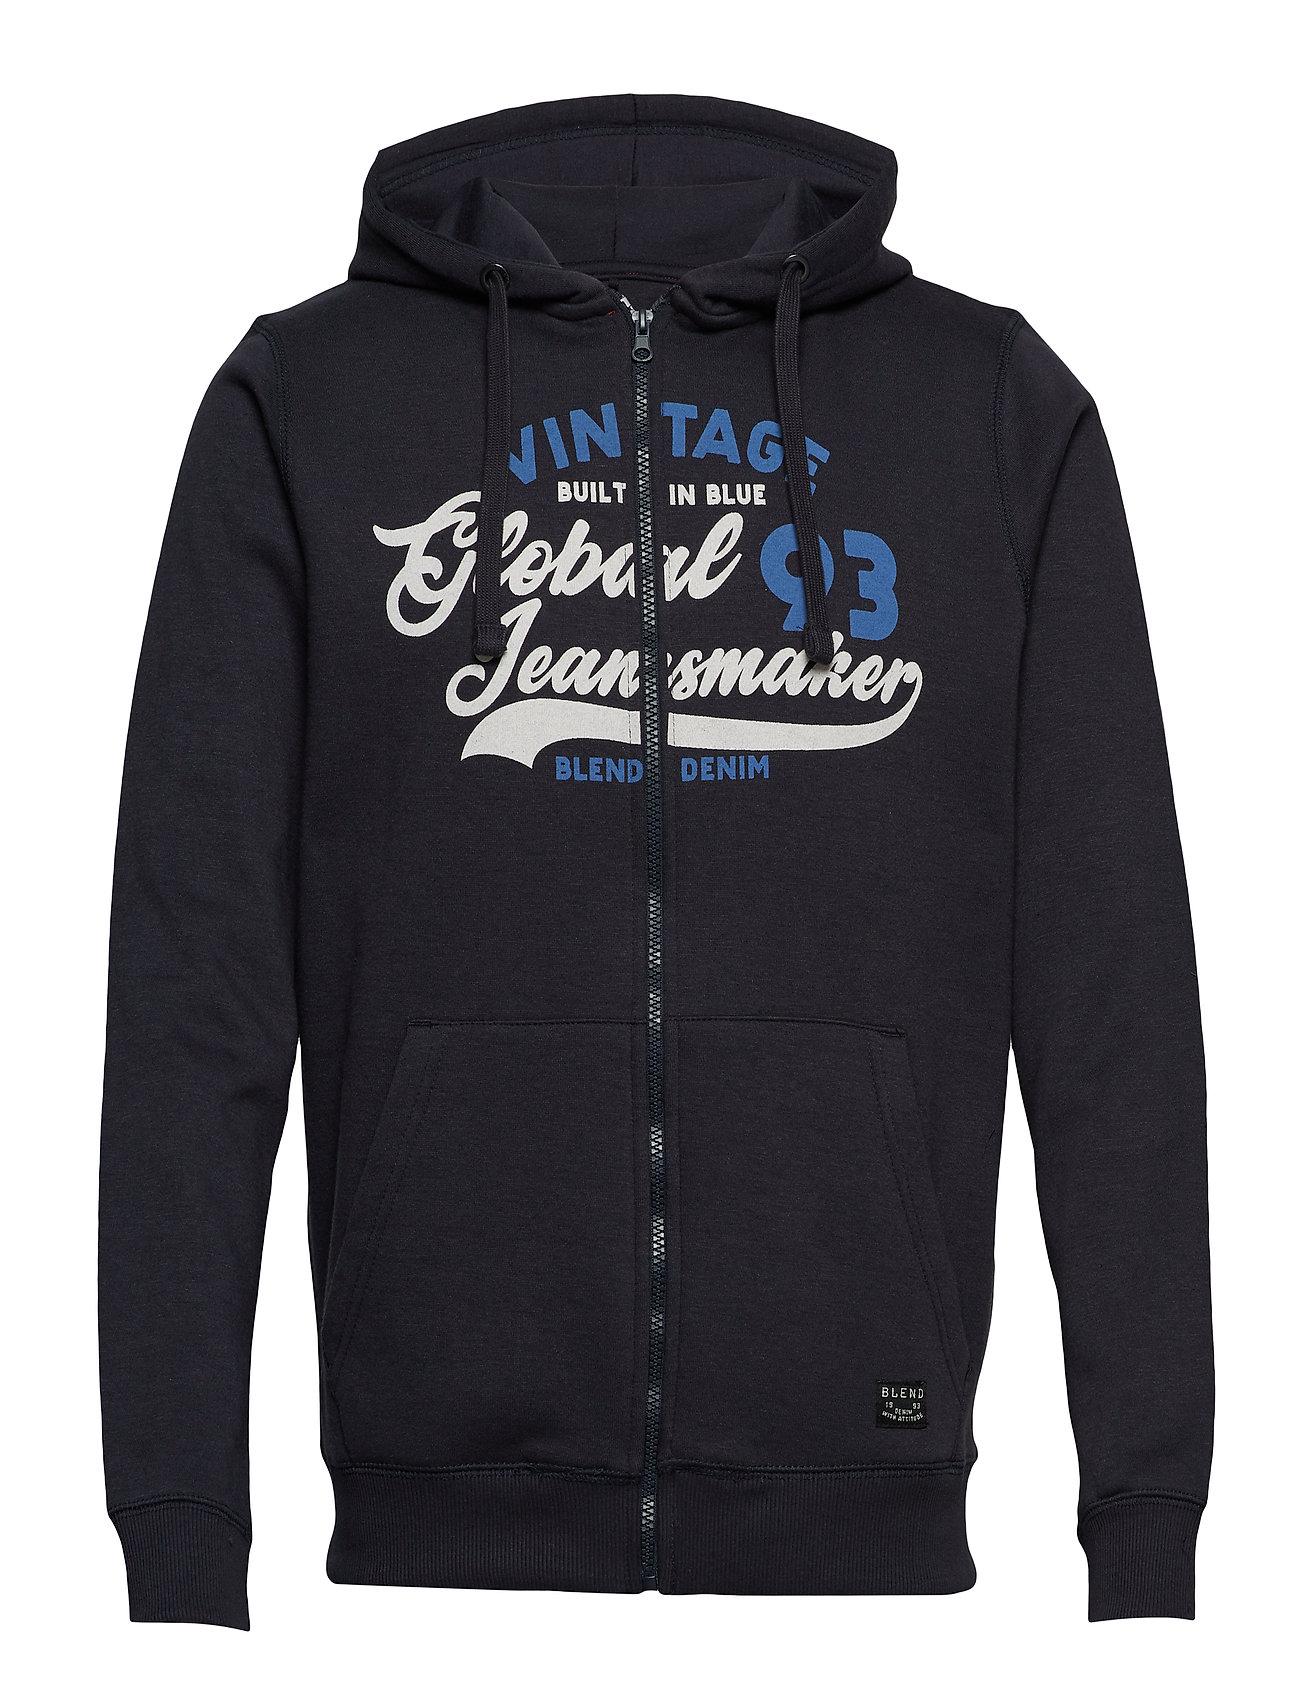 Blend Sweatshirt - DARK NAVY BLUE